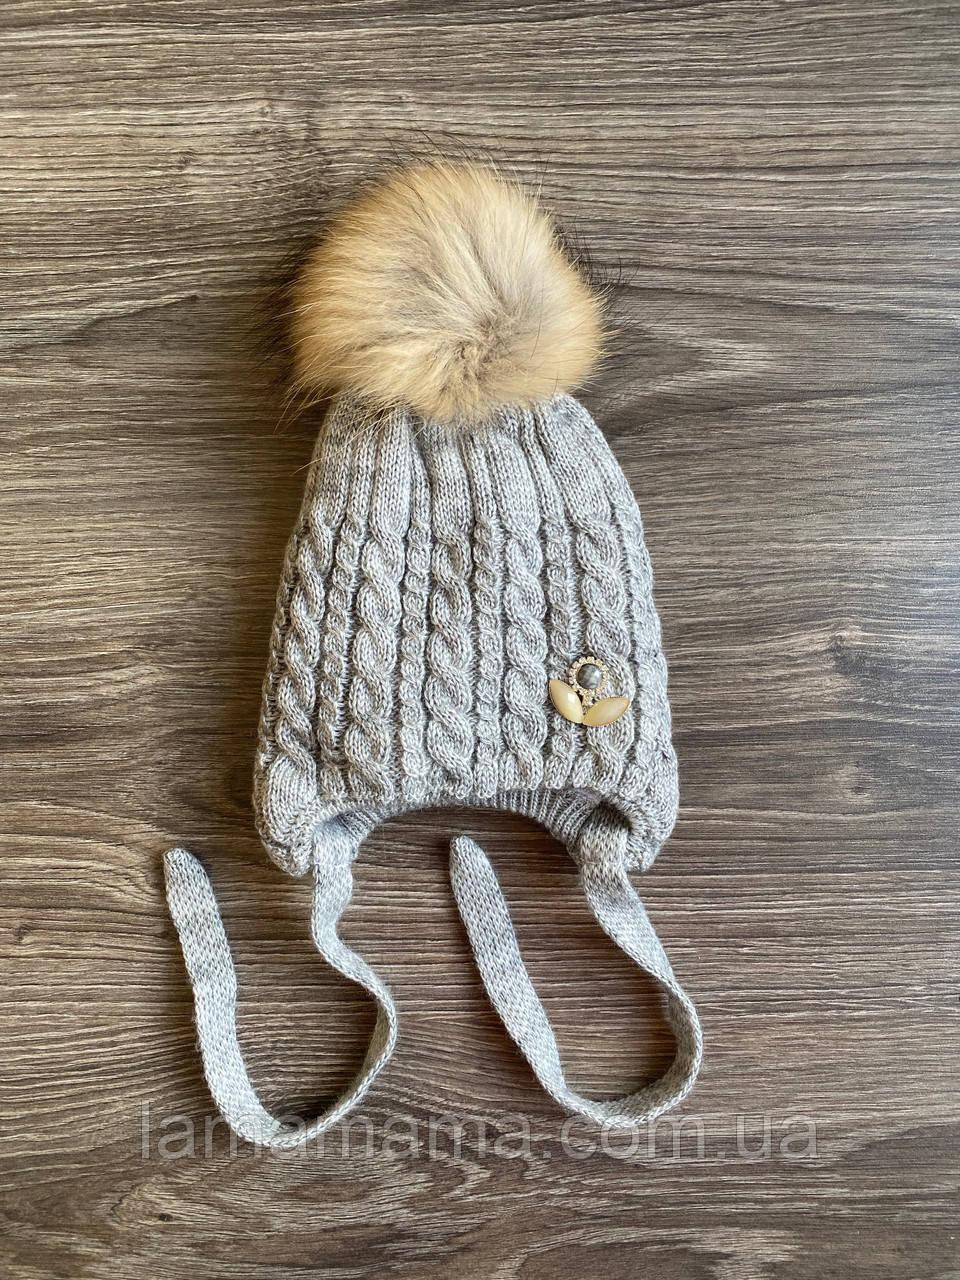 Зимняя вязаная шапка на завязках с натуральным помпоном Вероника (серый) ог. 50-52